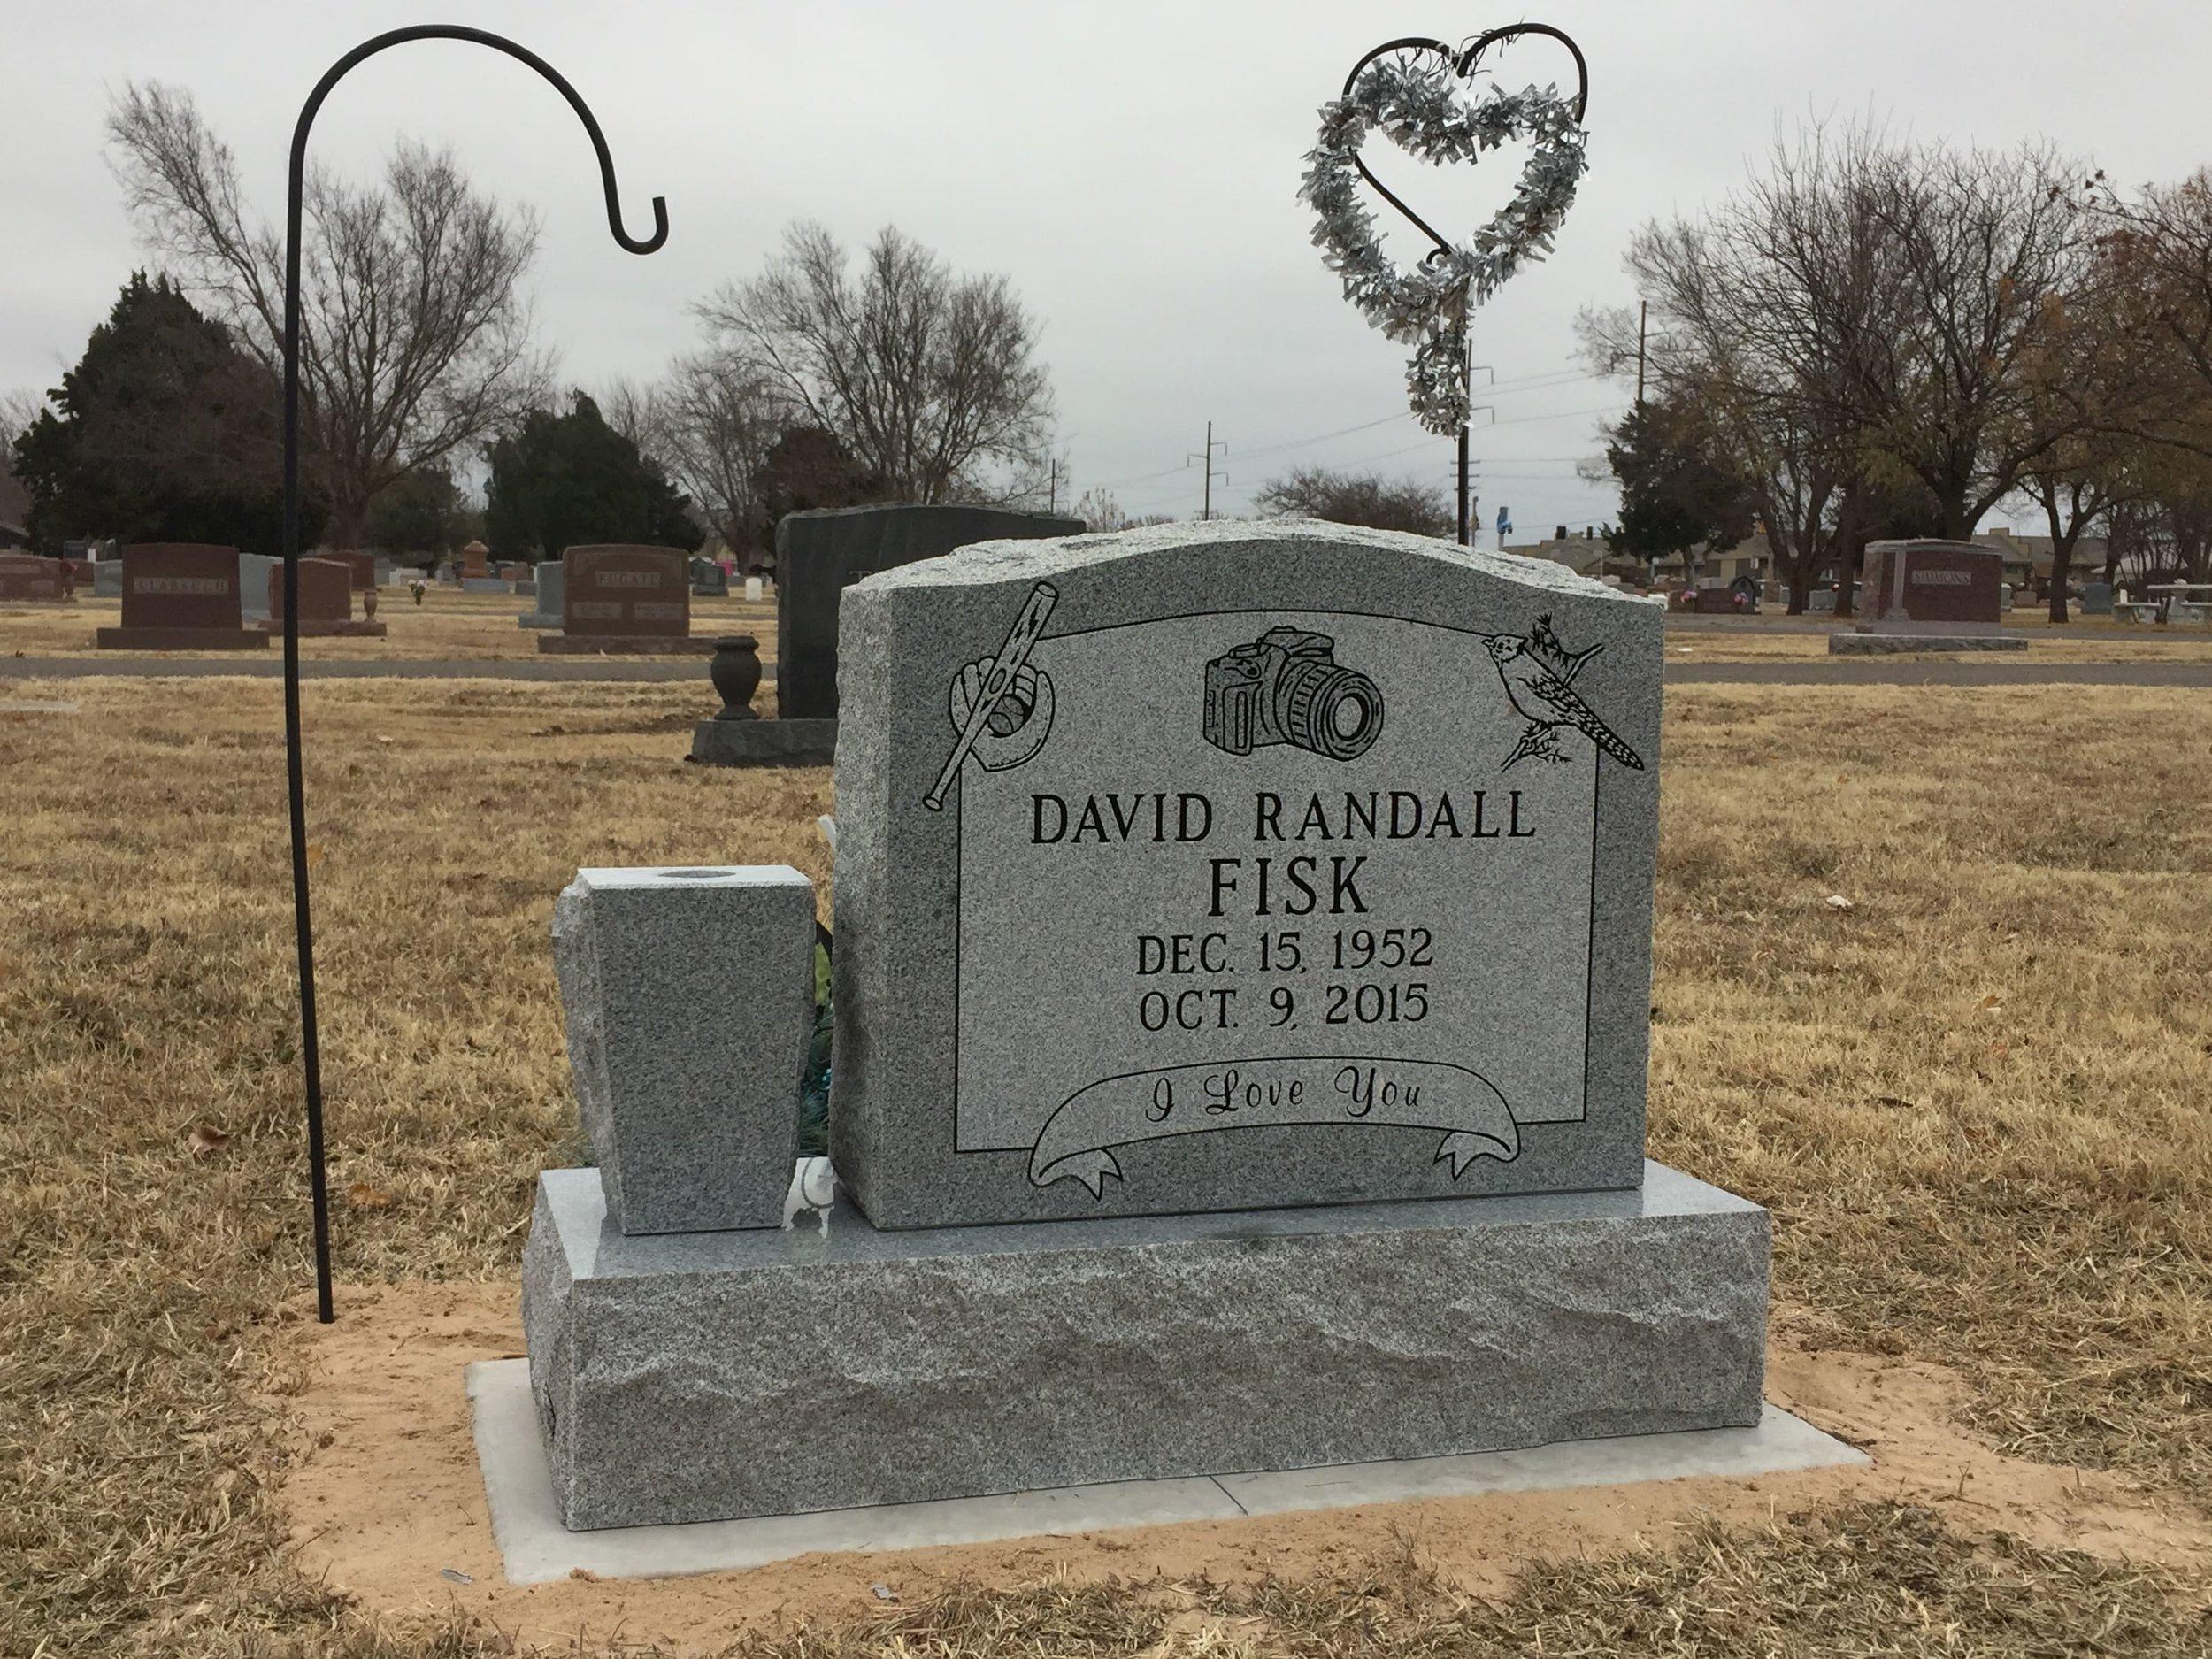 48. Gracelawn Cemetery, Edmond